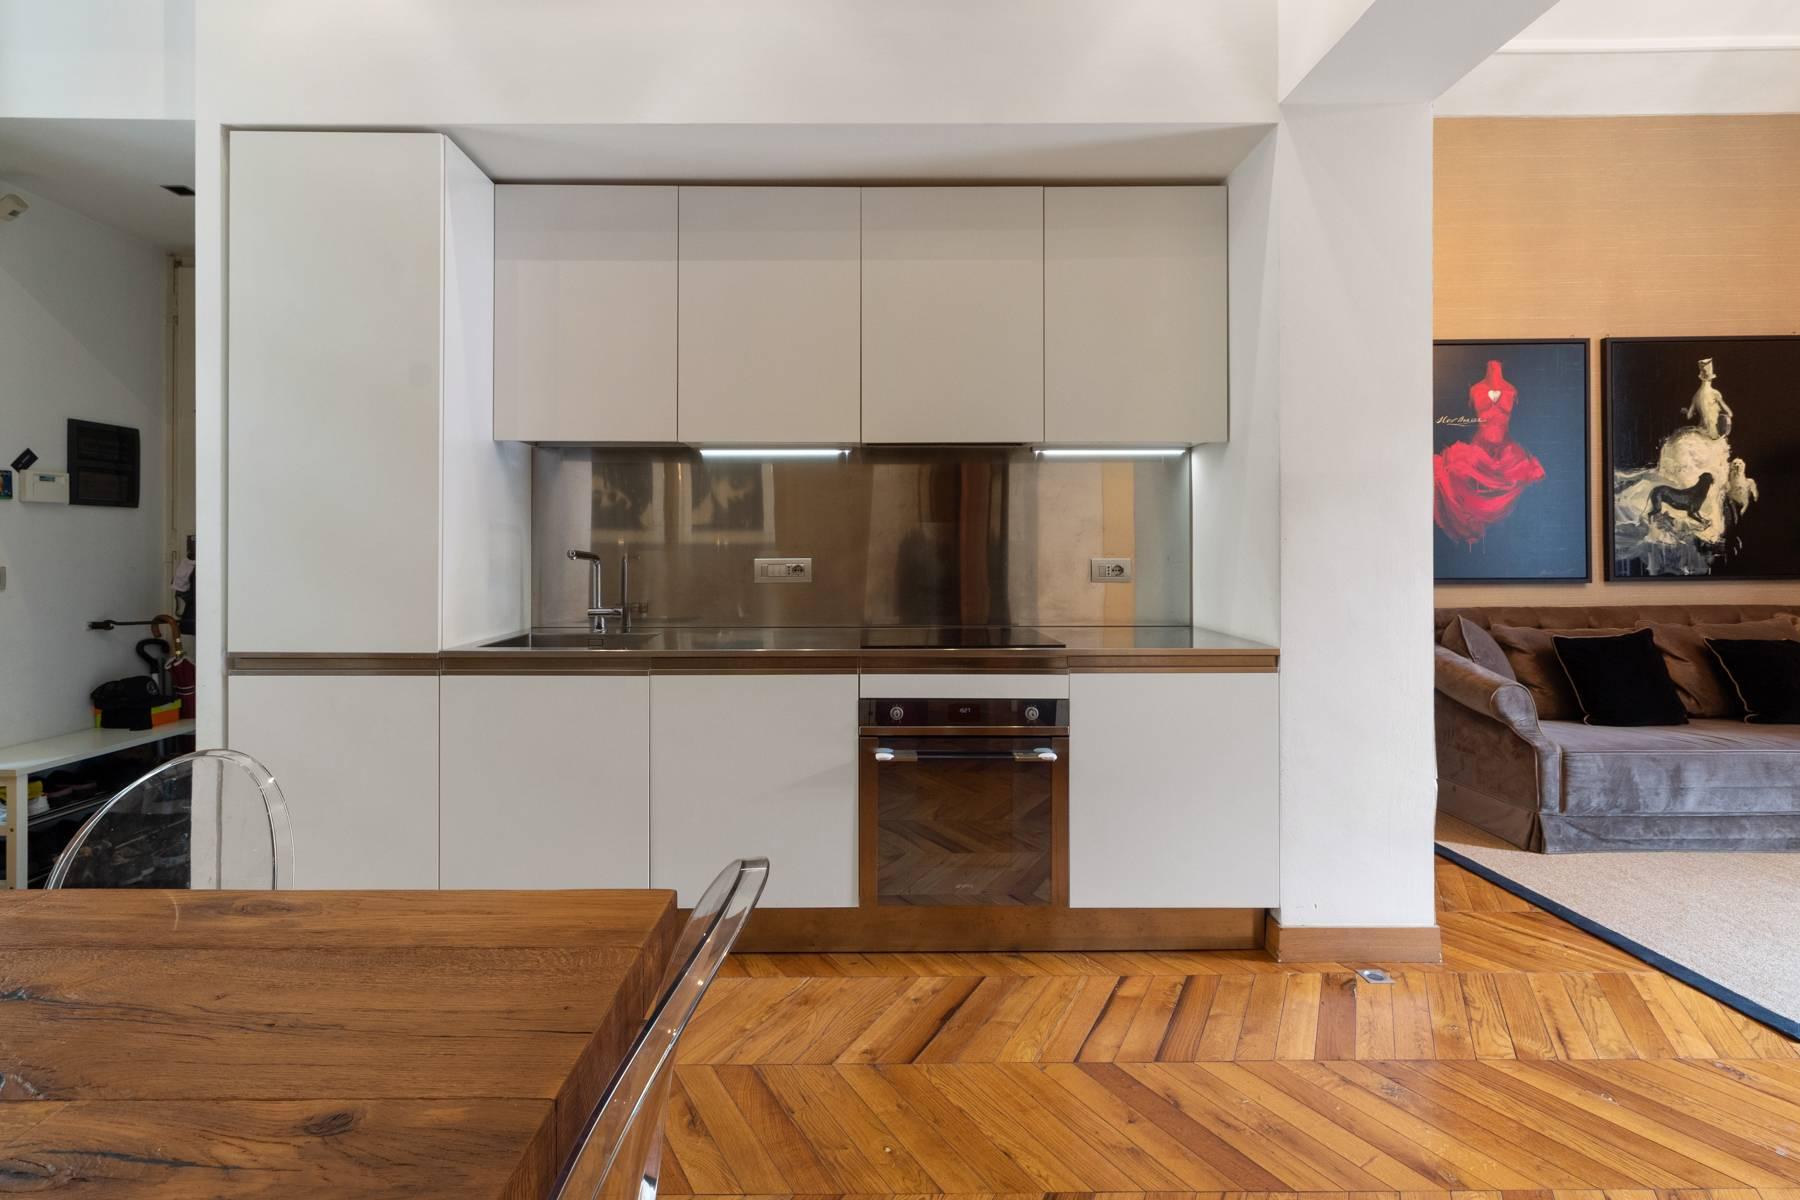 Appartamento in Vendita a Torino: 4 locali, 118 mq - Foto 5